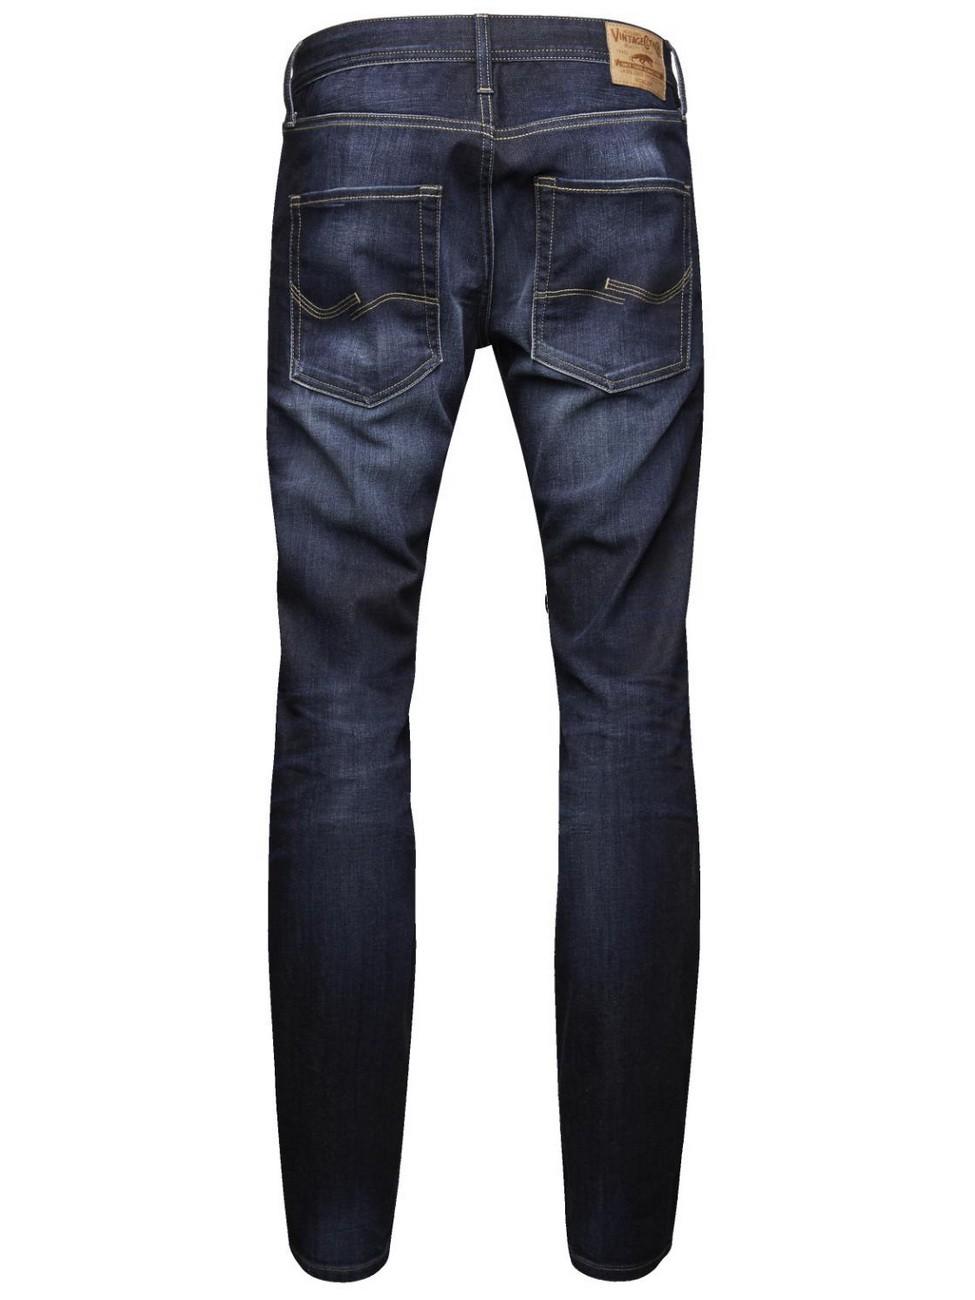 Jack & Jones Herren Jeans JJCLARK - Regular Fit - Blue Denim